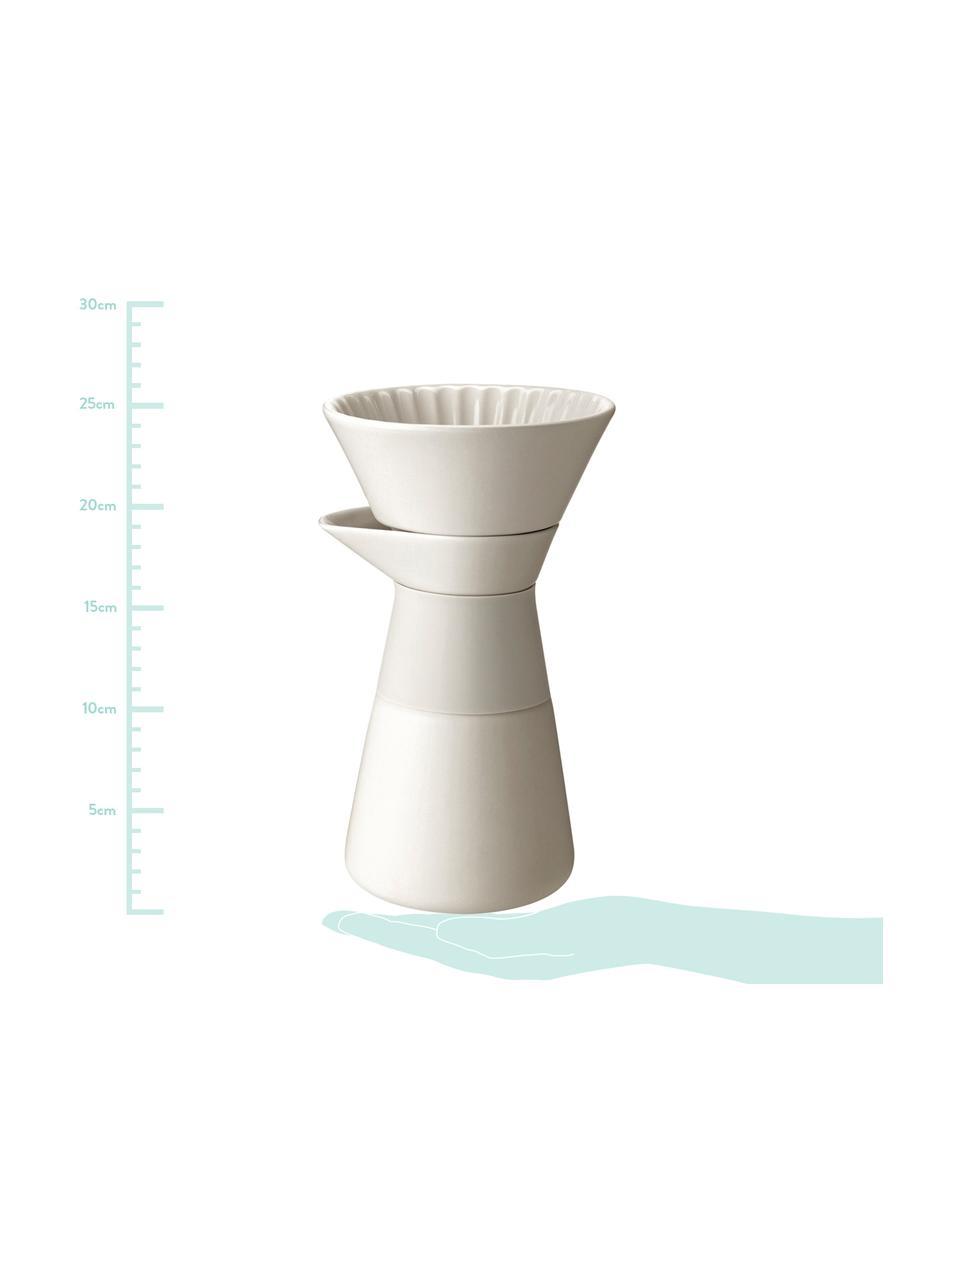 Kaffeezubereiter Theo in Creme matt, Deckel: Bambusholz, Griff: Wärmeisolierendes Silikon, Creme, 600 ml